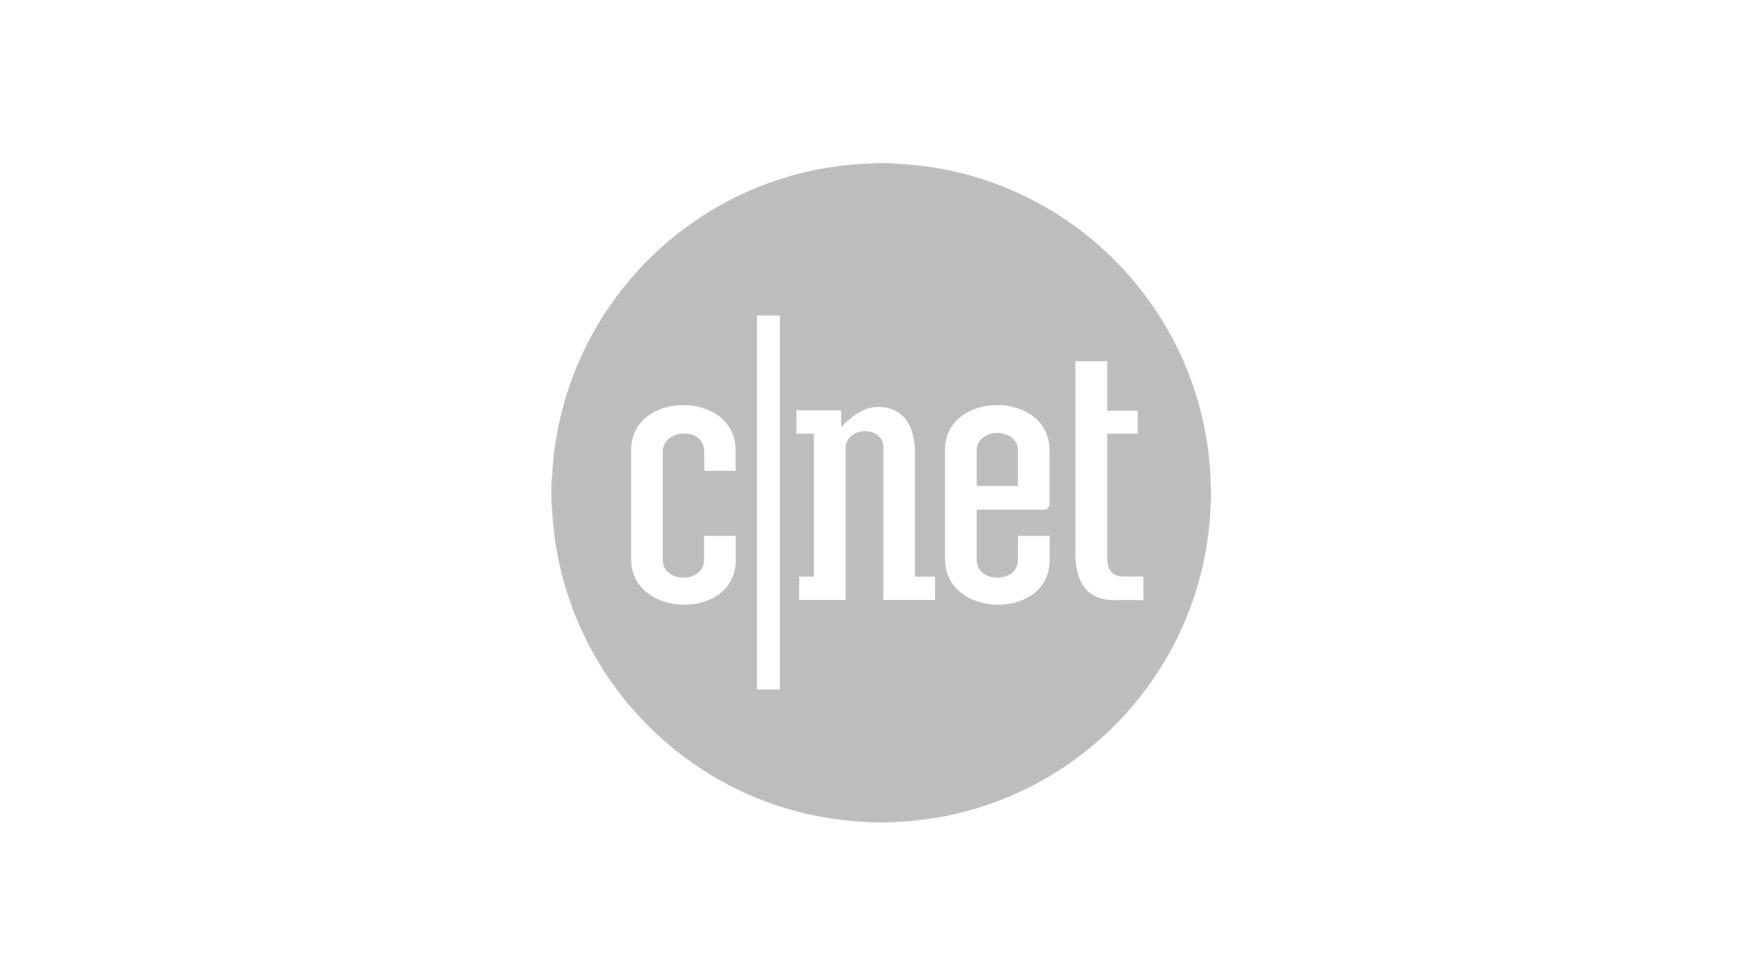 airpod-accessory-cnet-air-vinyl-design